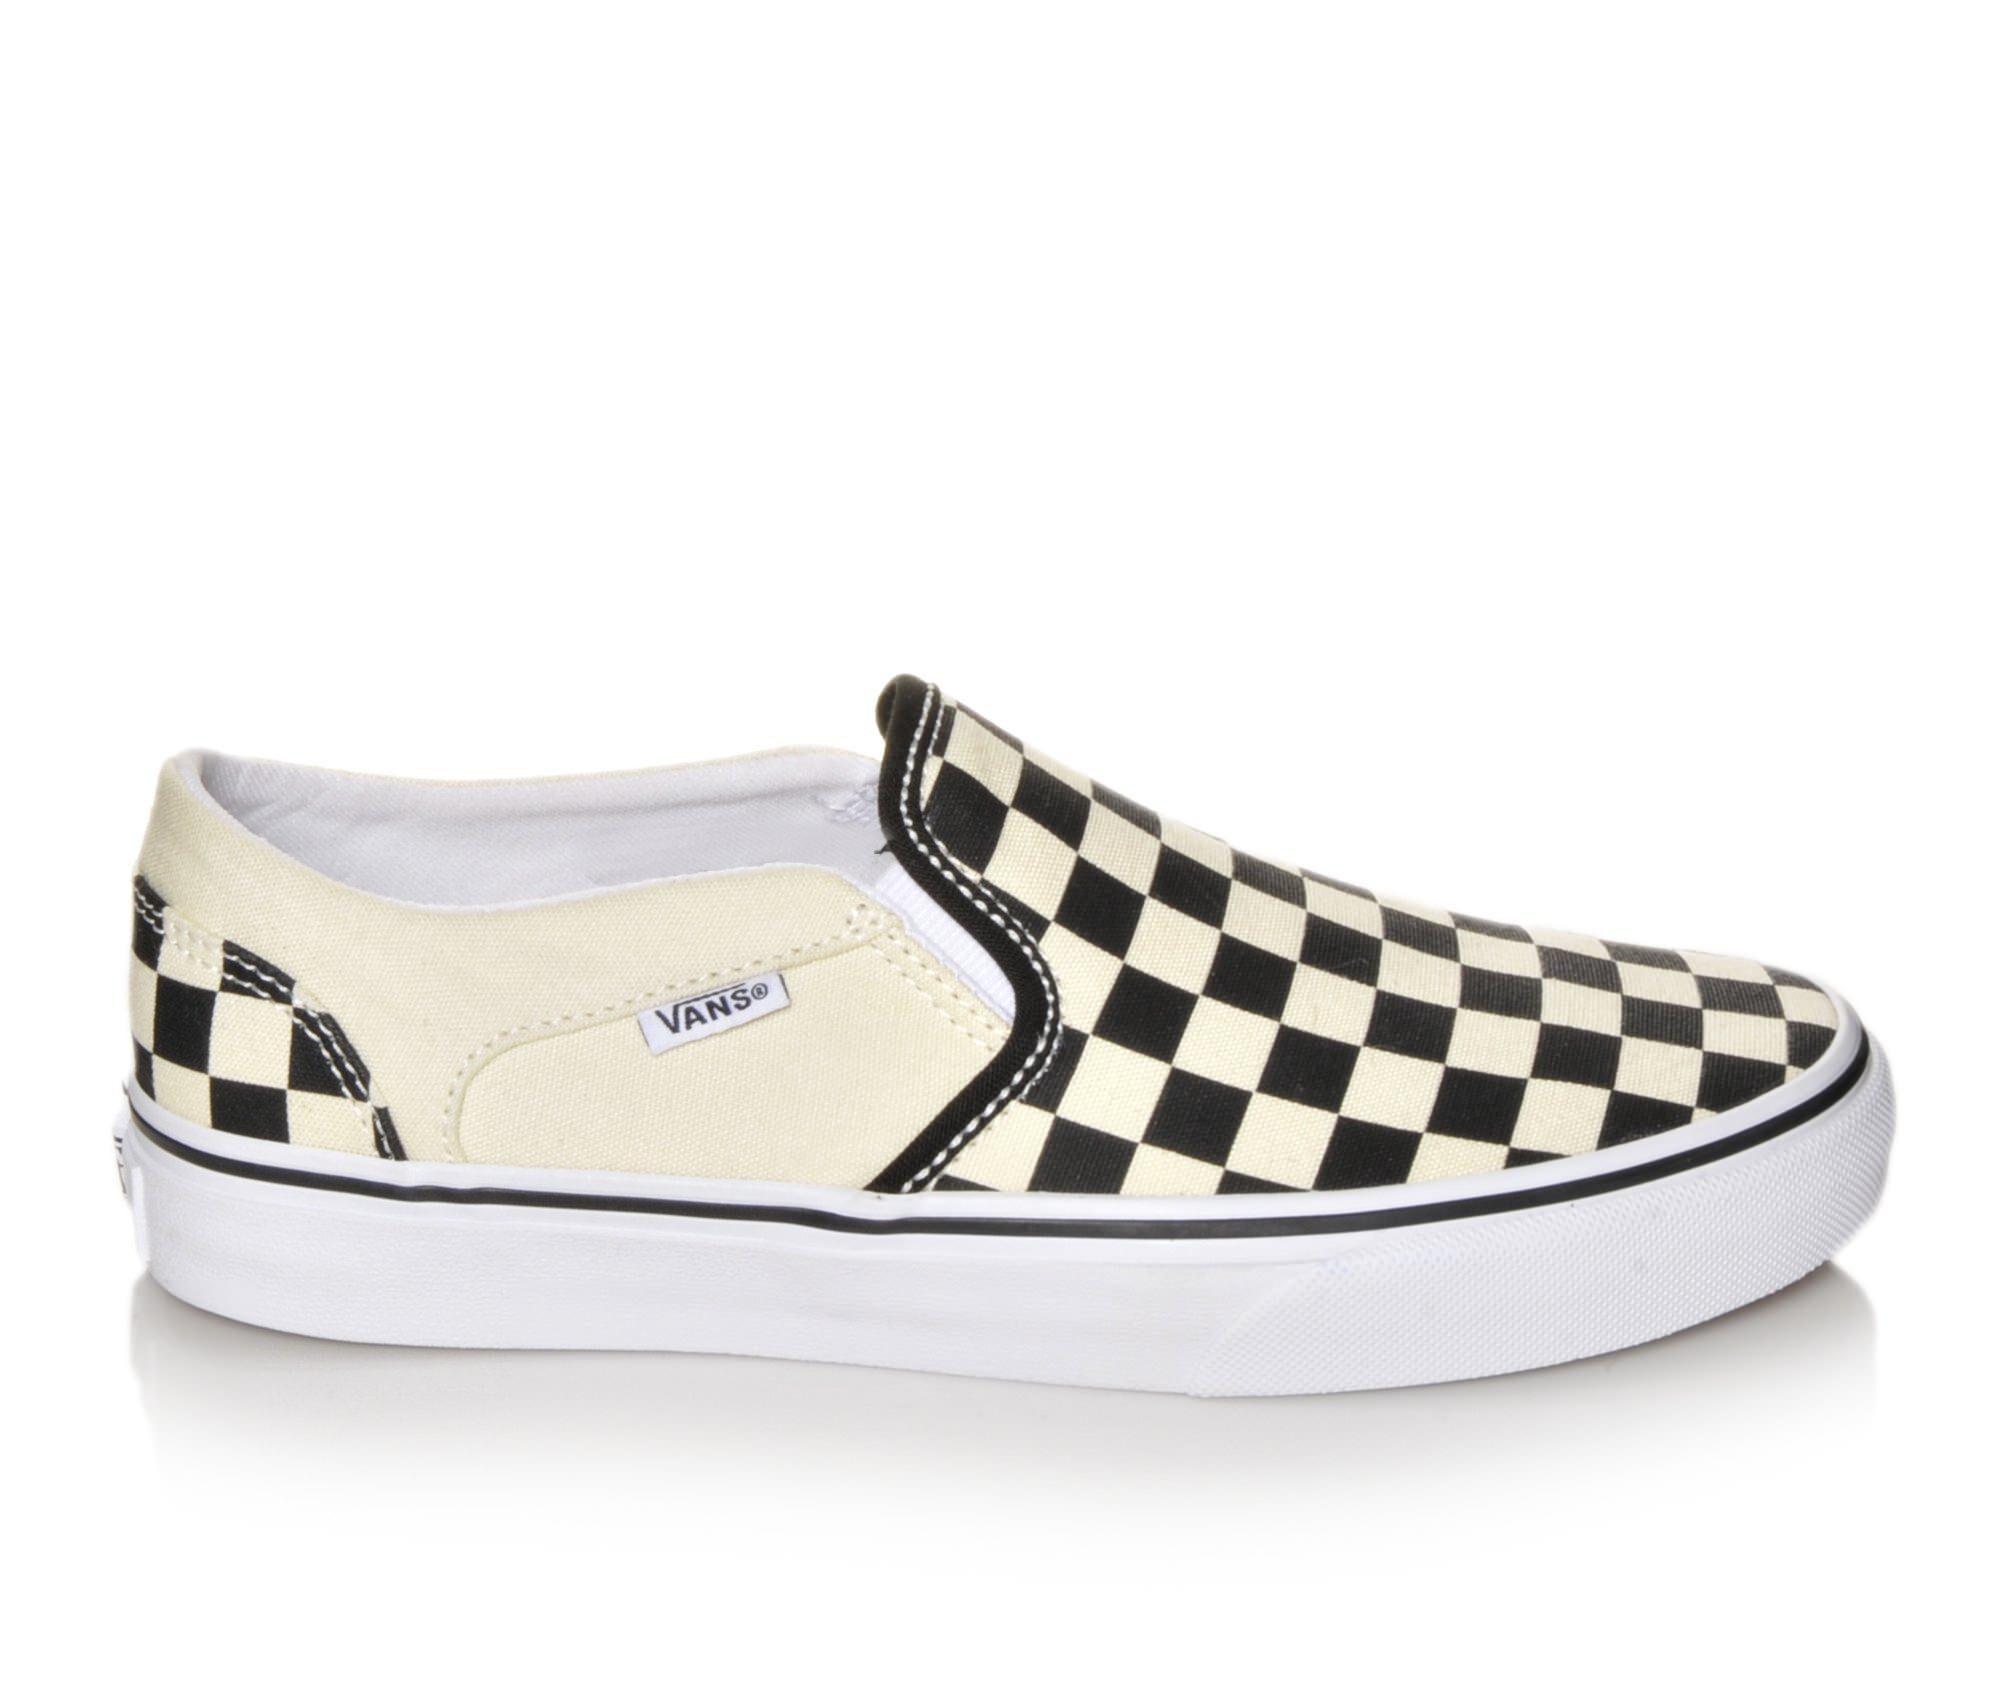 Women's Vans Asher Slip-On Skate Shoes Blk/Wht Checker